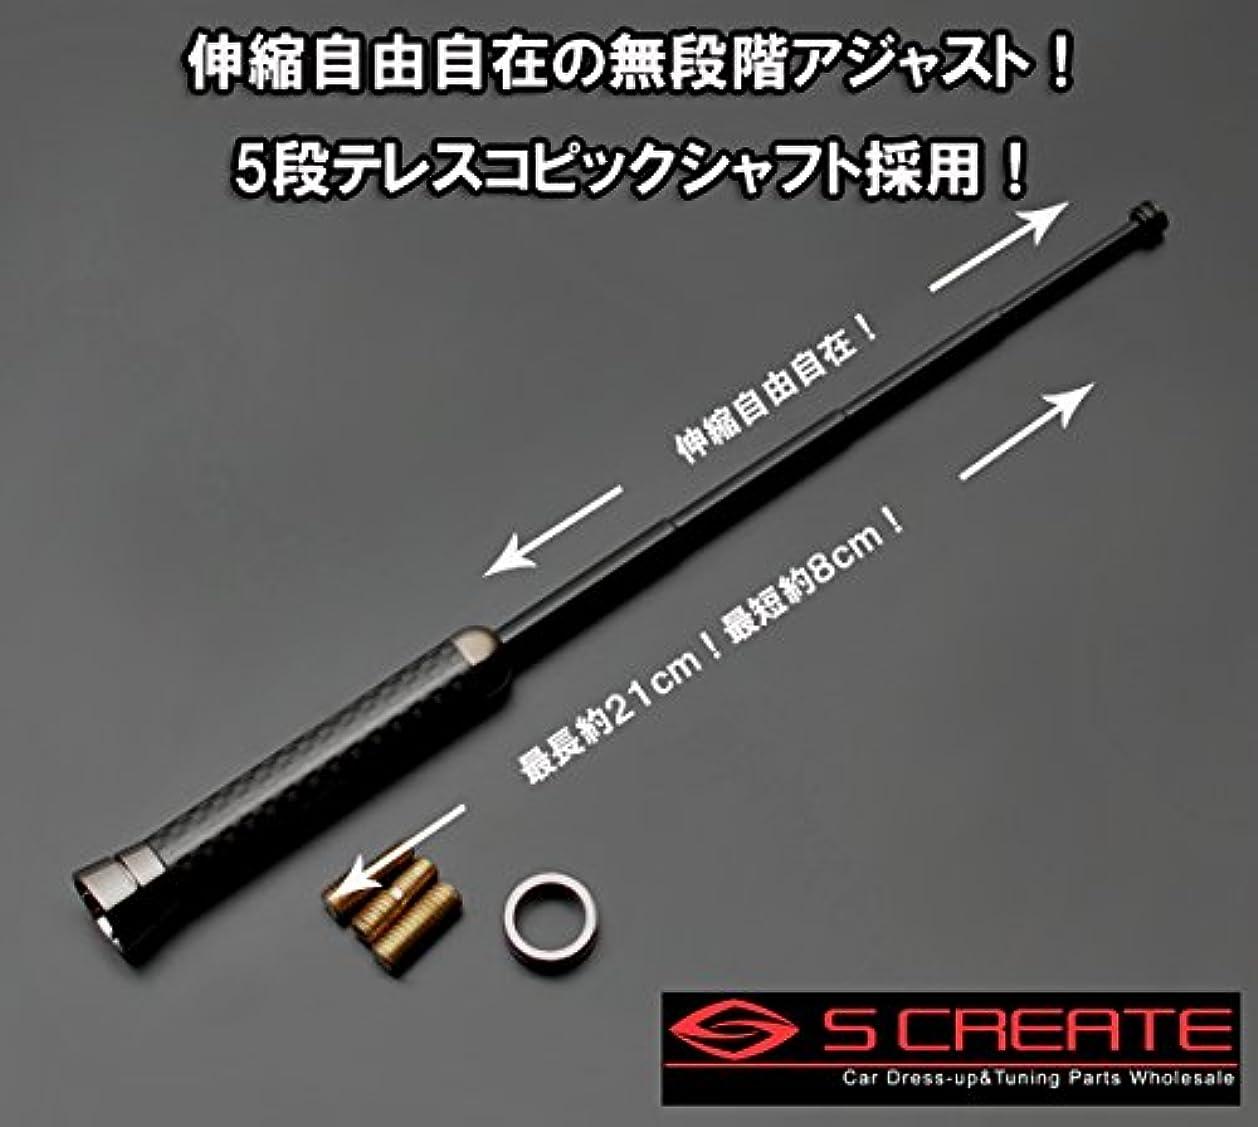 文化プロテスタント劇的S CREATE(エスクリエイト) カーボン伸縮アンテナ(ブラックメッキ)MAX/コペン/COO(クー)